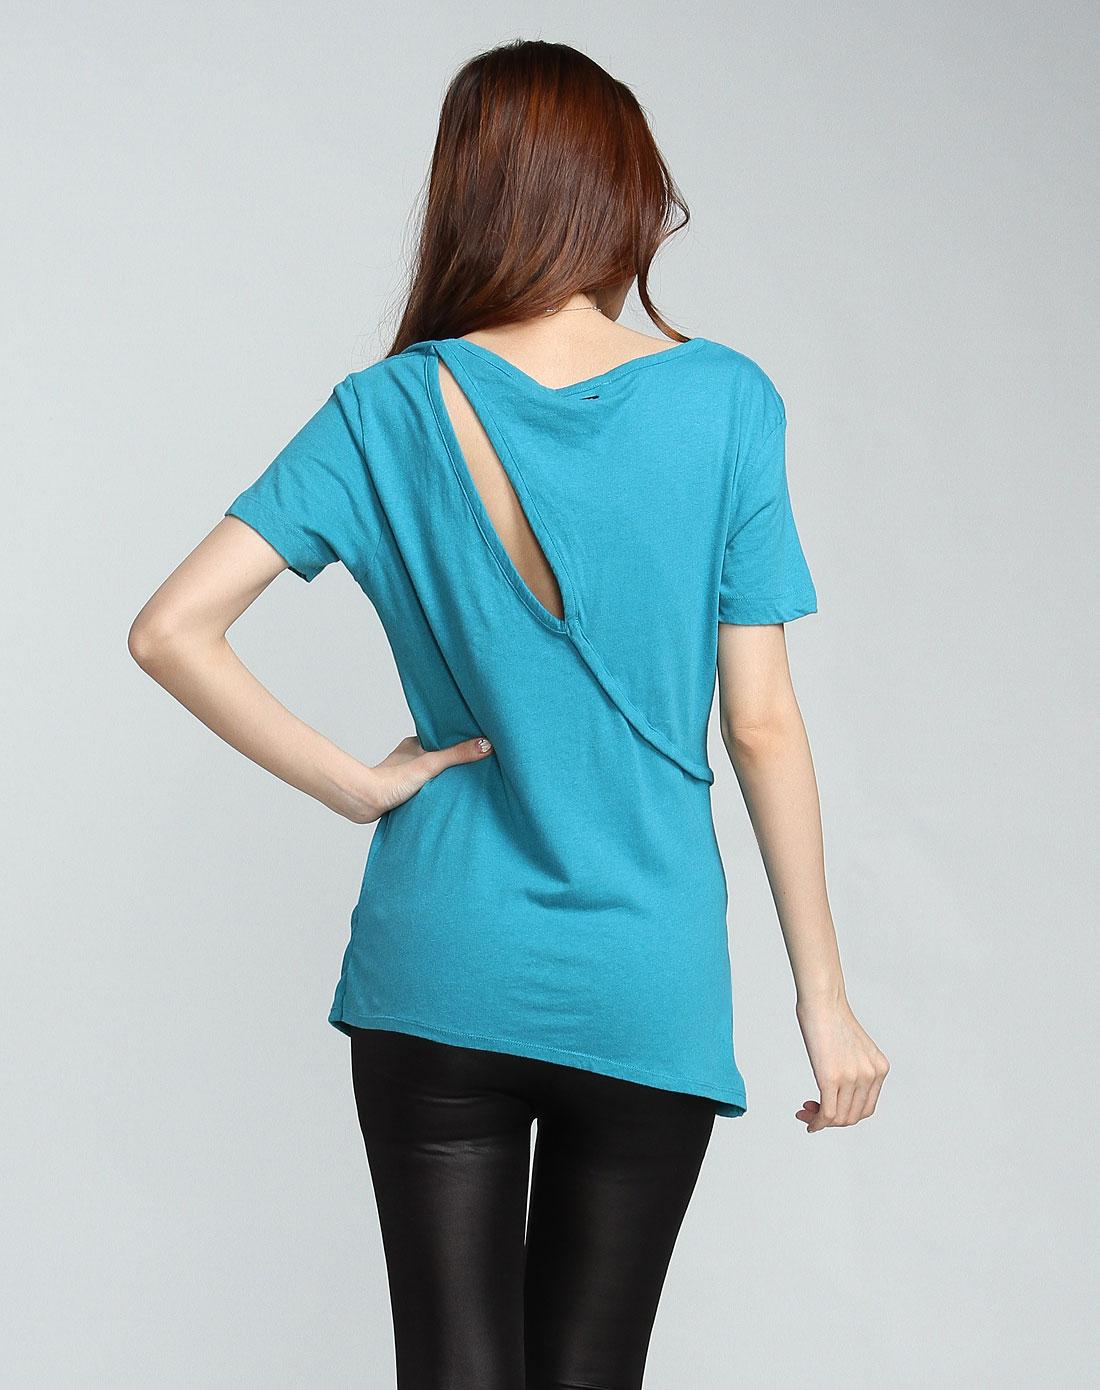 女款后背镂空孔雀蓝色短袖t恤